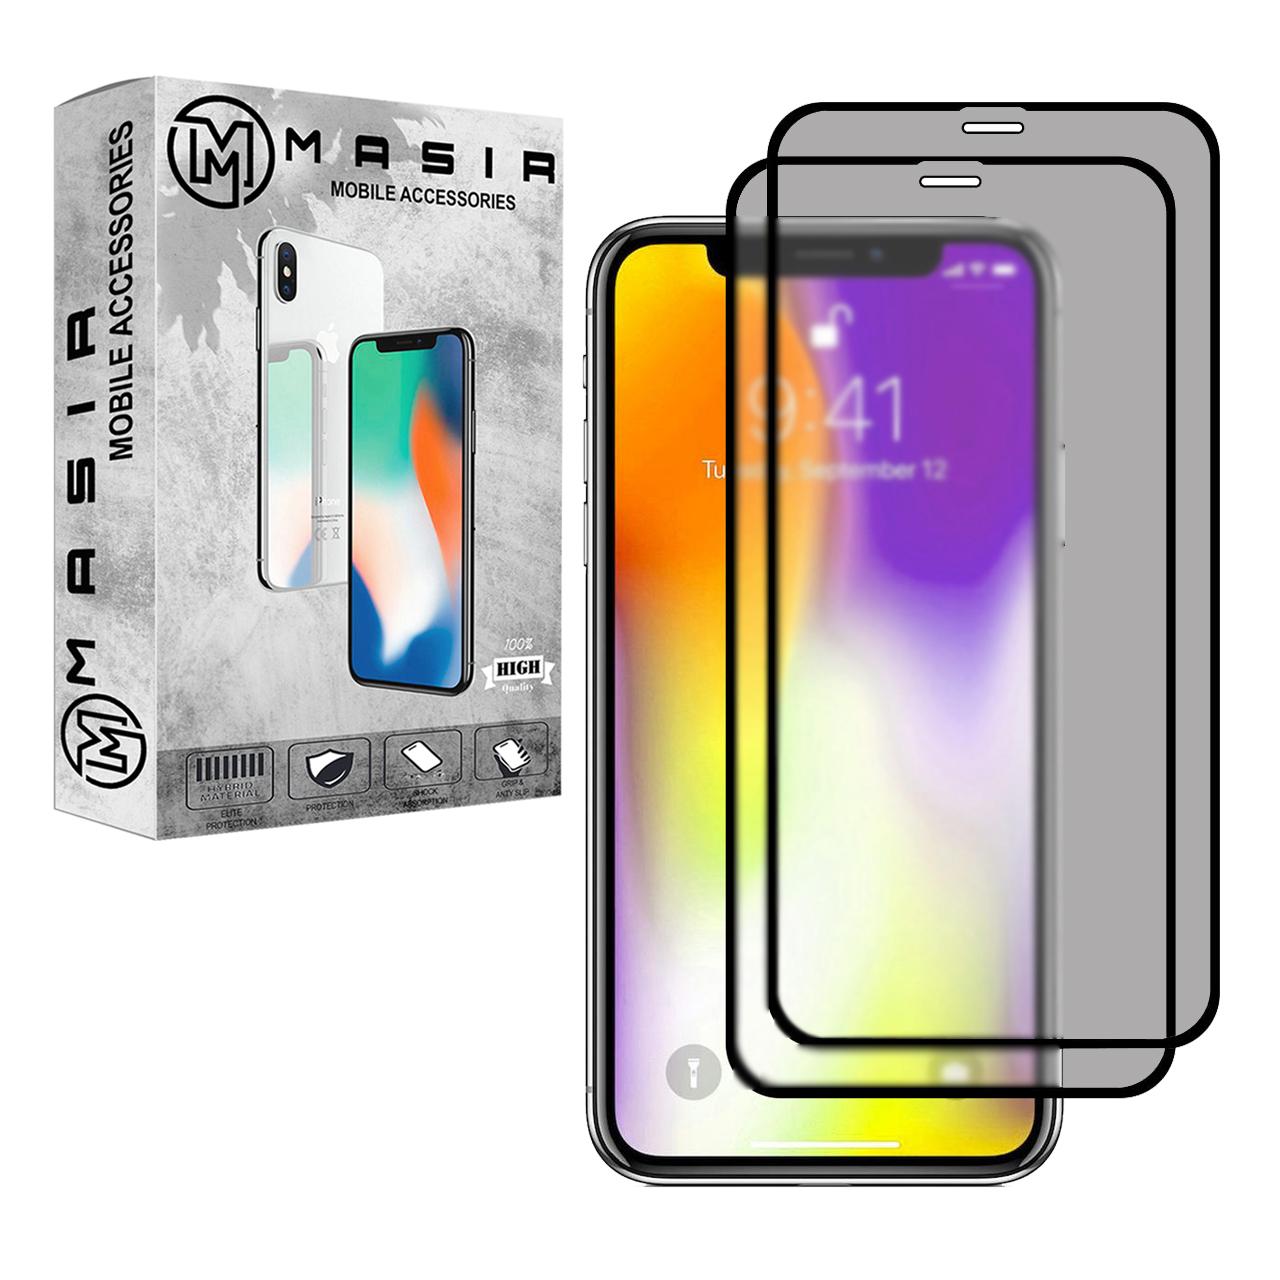 محافظ صفحه نمایش حریم شخصی مسیر مدل MGFPV-2 مناسب برای گوشی موبایل اپل iPhone X/XS  بسته دو عددی